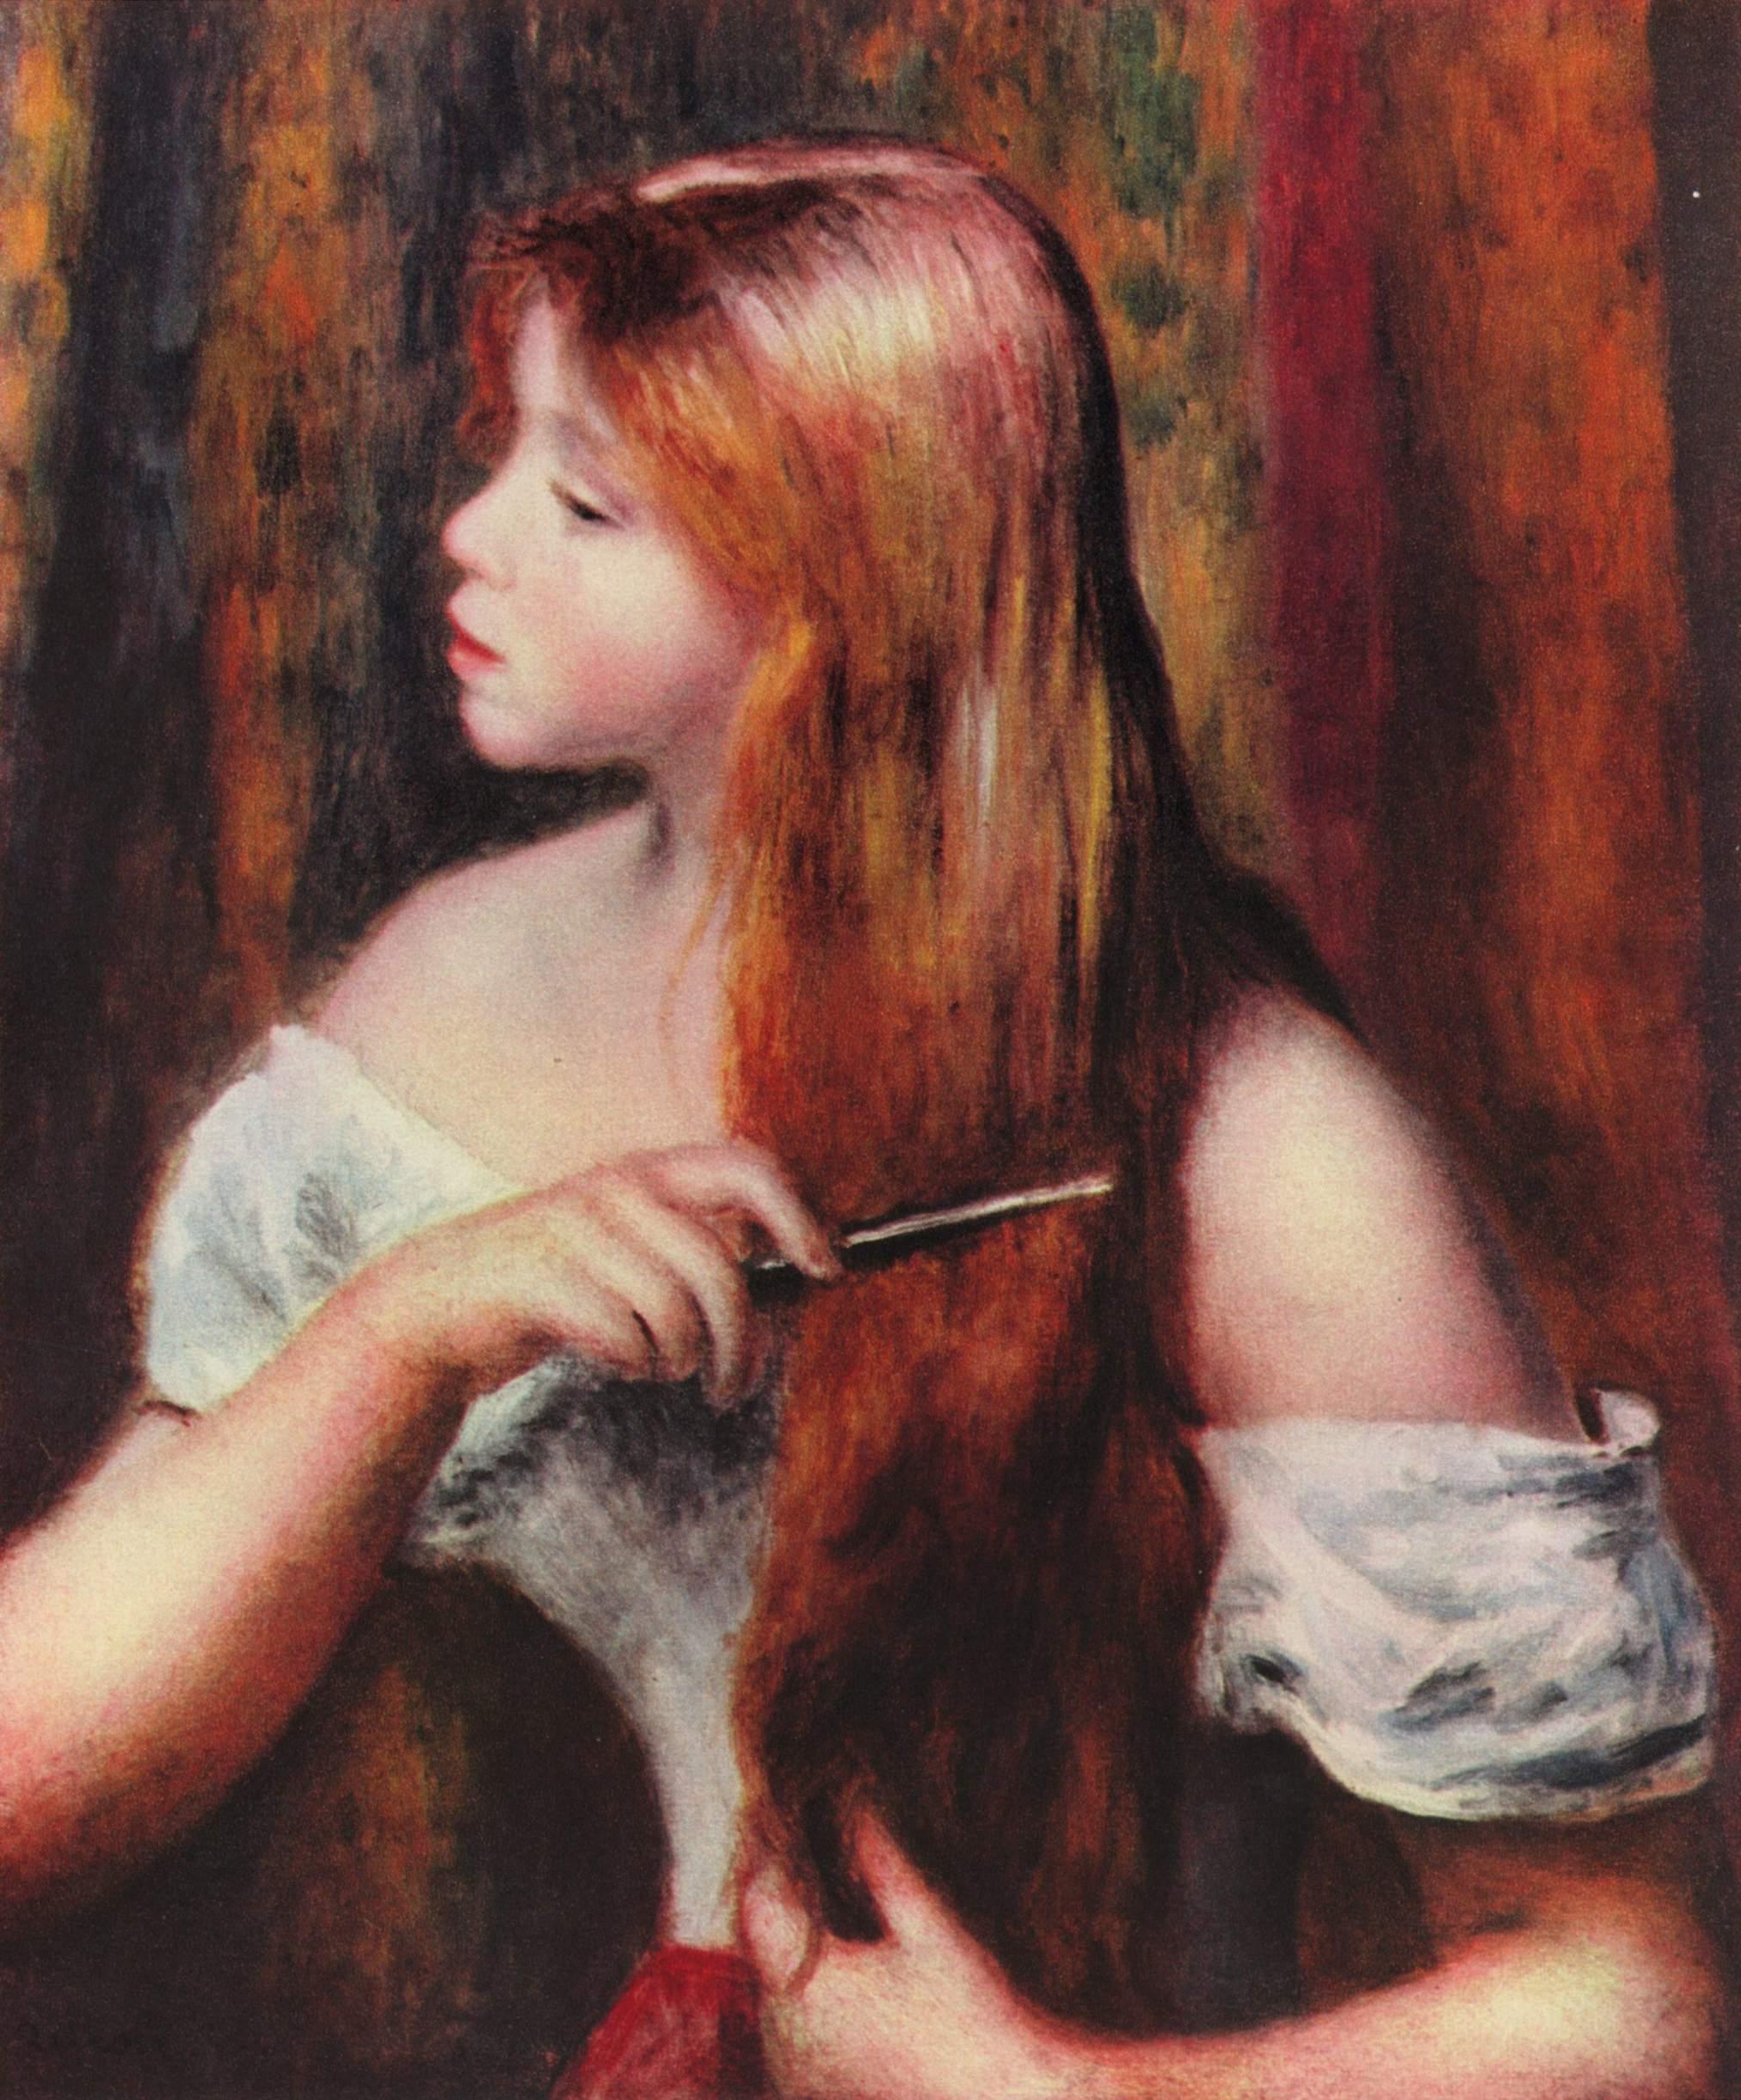 Pierre Auguste Renoir 072 WE ART   Modalità Demodè party!